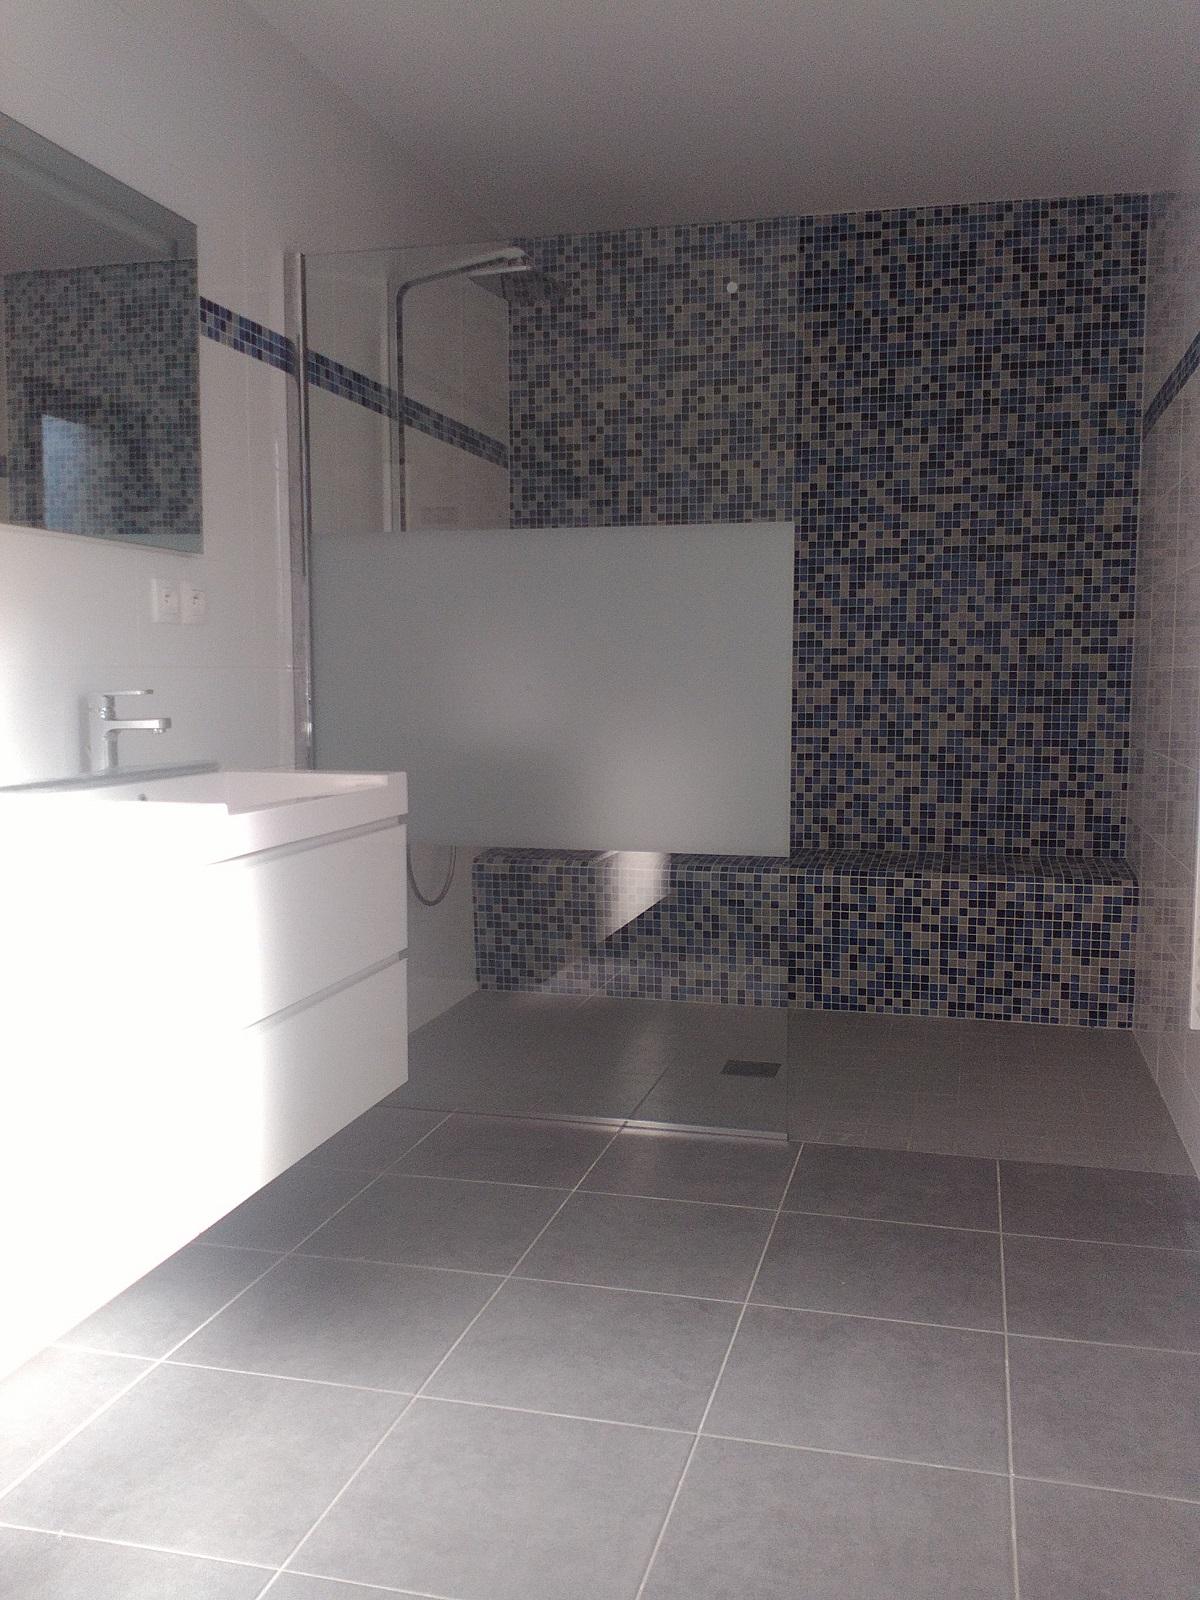 mosaique salle de bain cheap best mosaique salle de bain. Black Bedroom Furniture Sets. Home Design Ideas